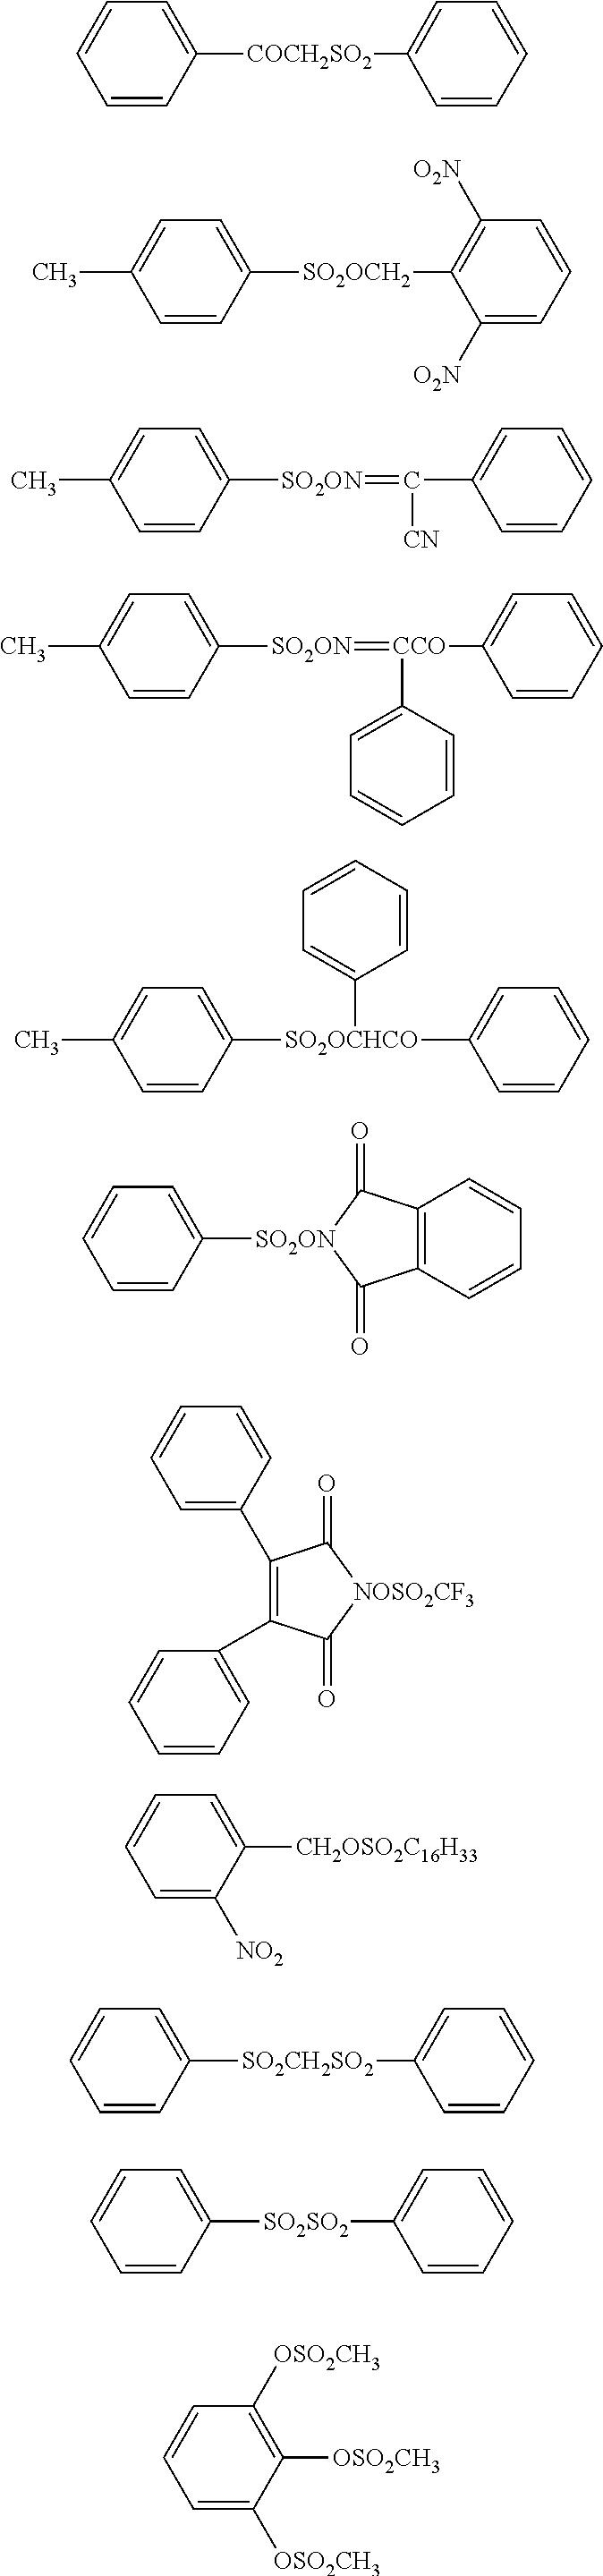 Figure US20110141187A1-20110616-C00002